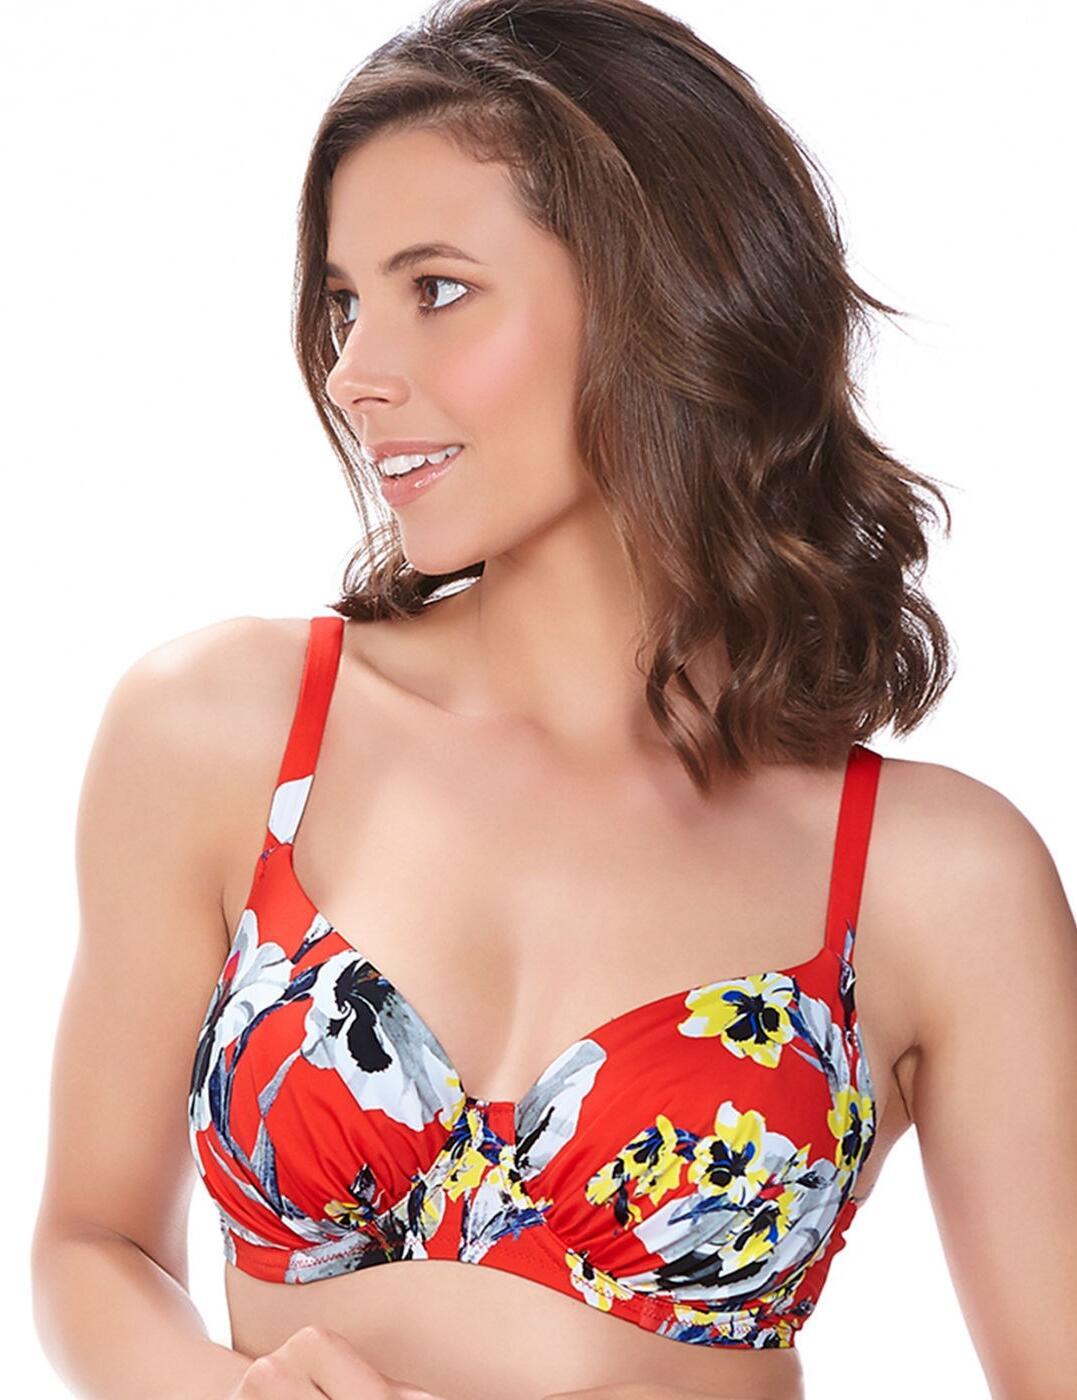 6257 Fantasie Calabria Gathered Full Cup Bikini Top - 6257 Full Cup Bikini Top